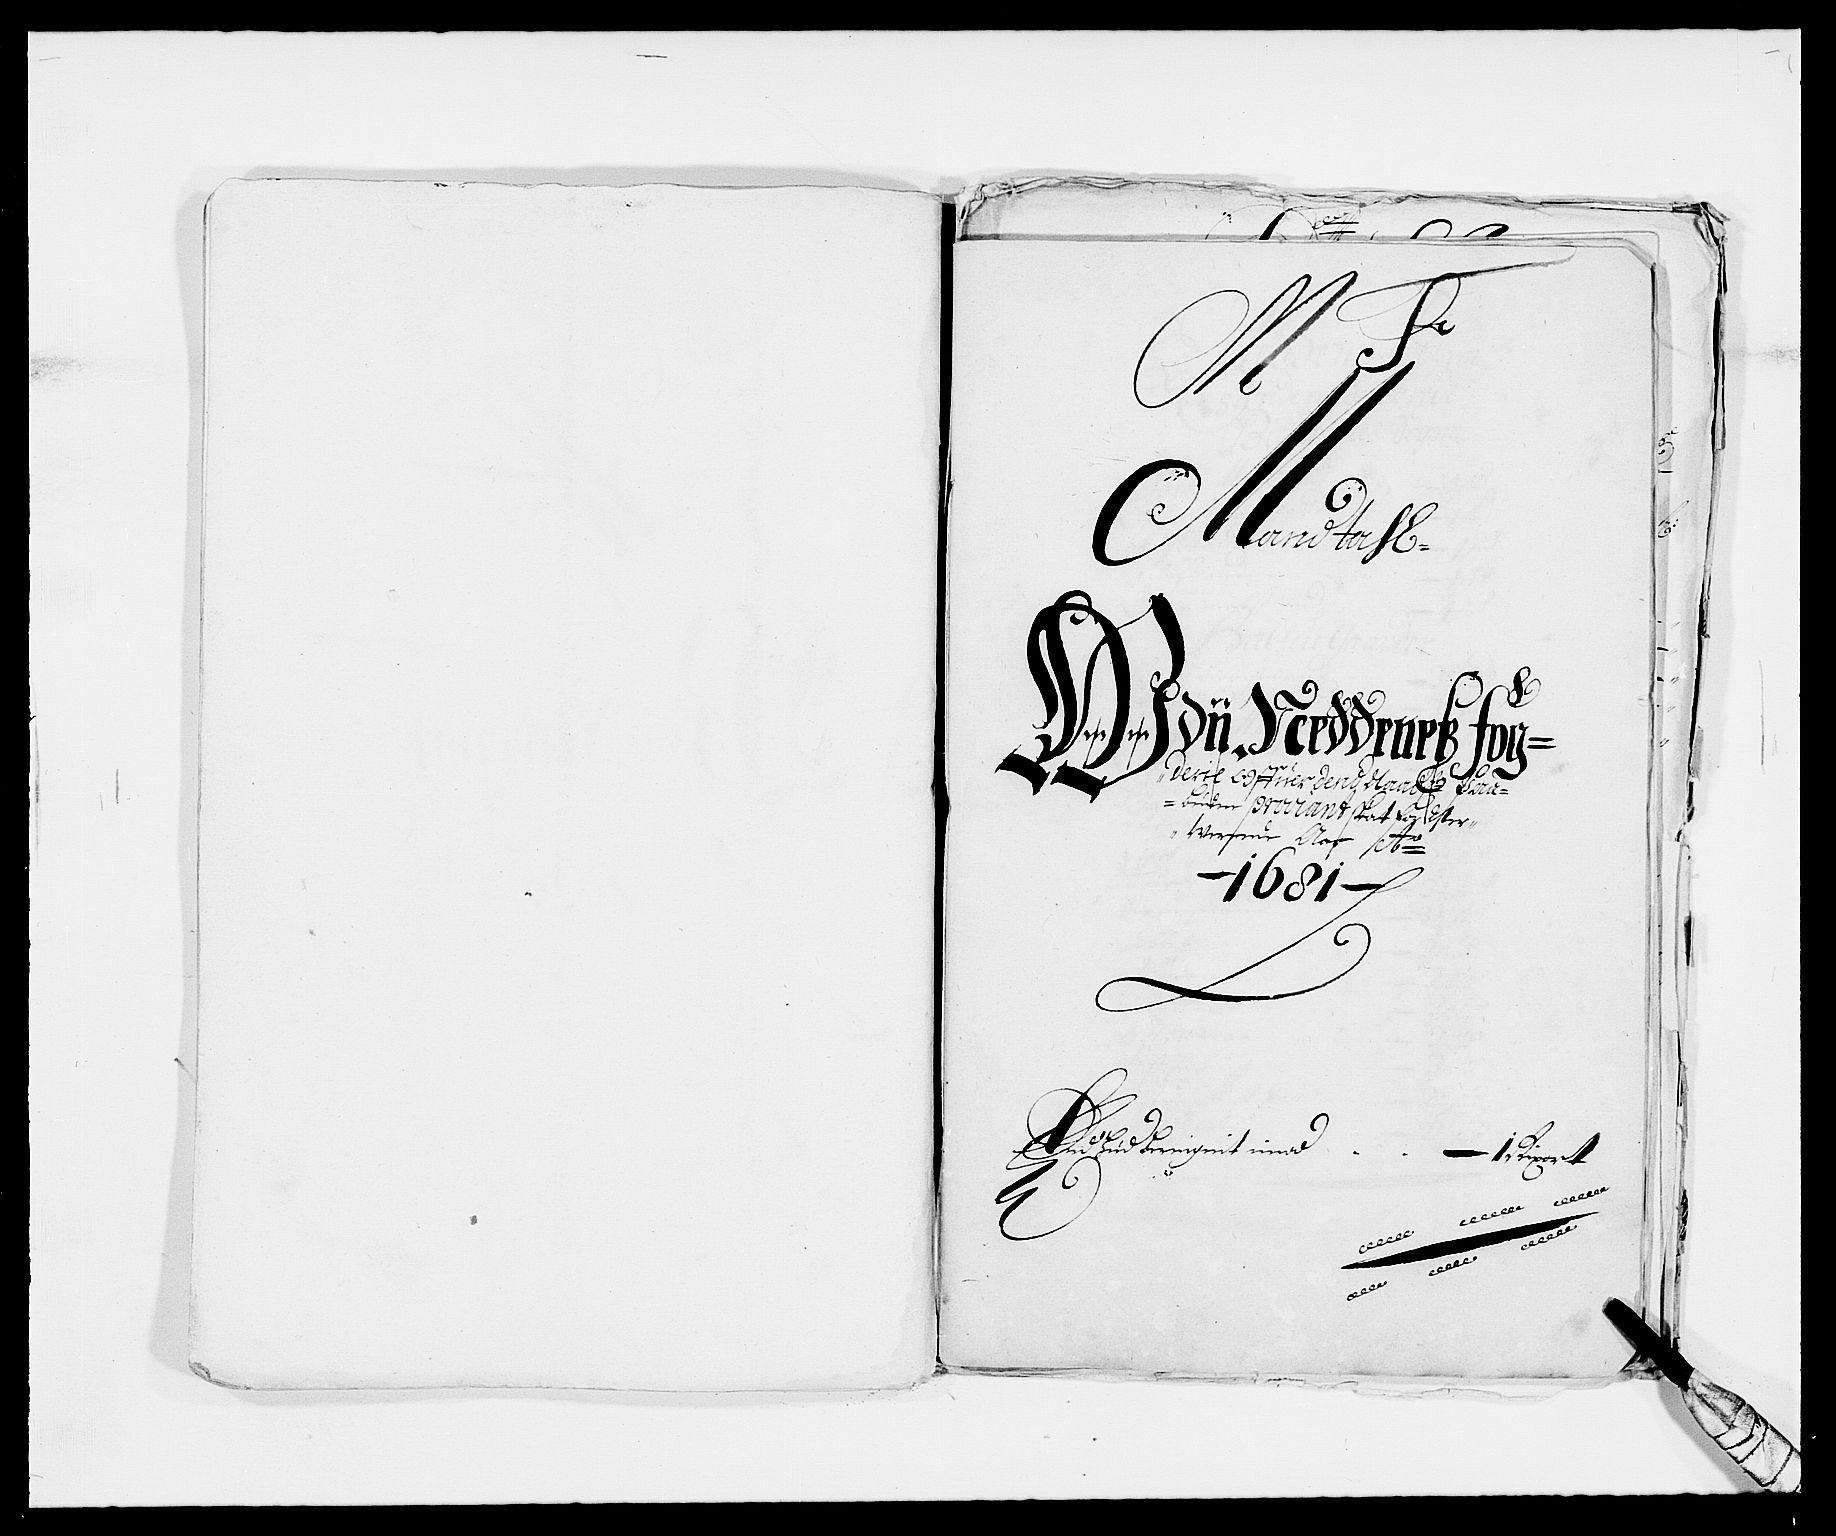 RA, Rentekammeret inntil 1814, Reviderte regnskaper, Fogderegnskap, R39/L2304: Fogderegnskap Nedenes, 1680-1682, s. 268